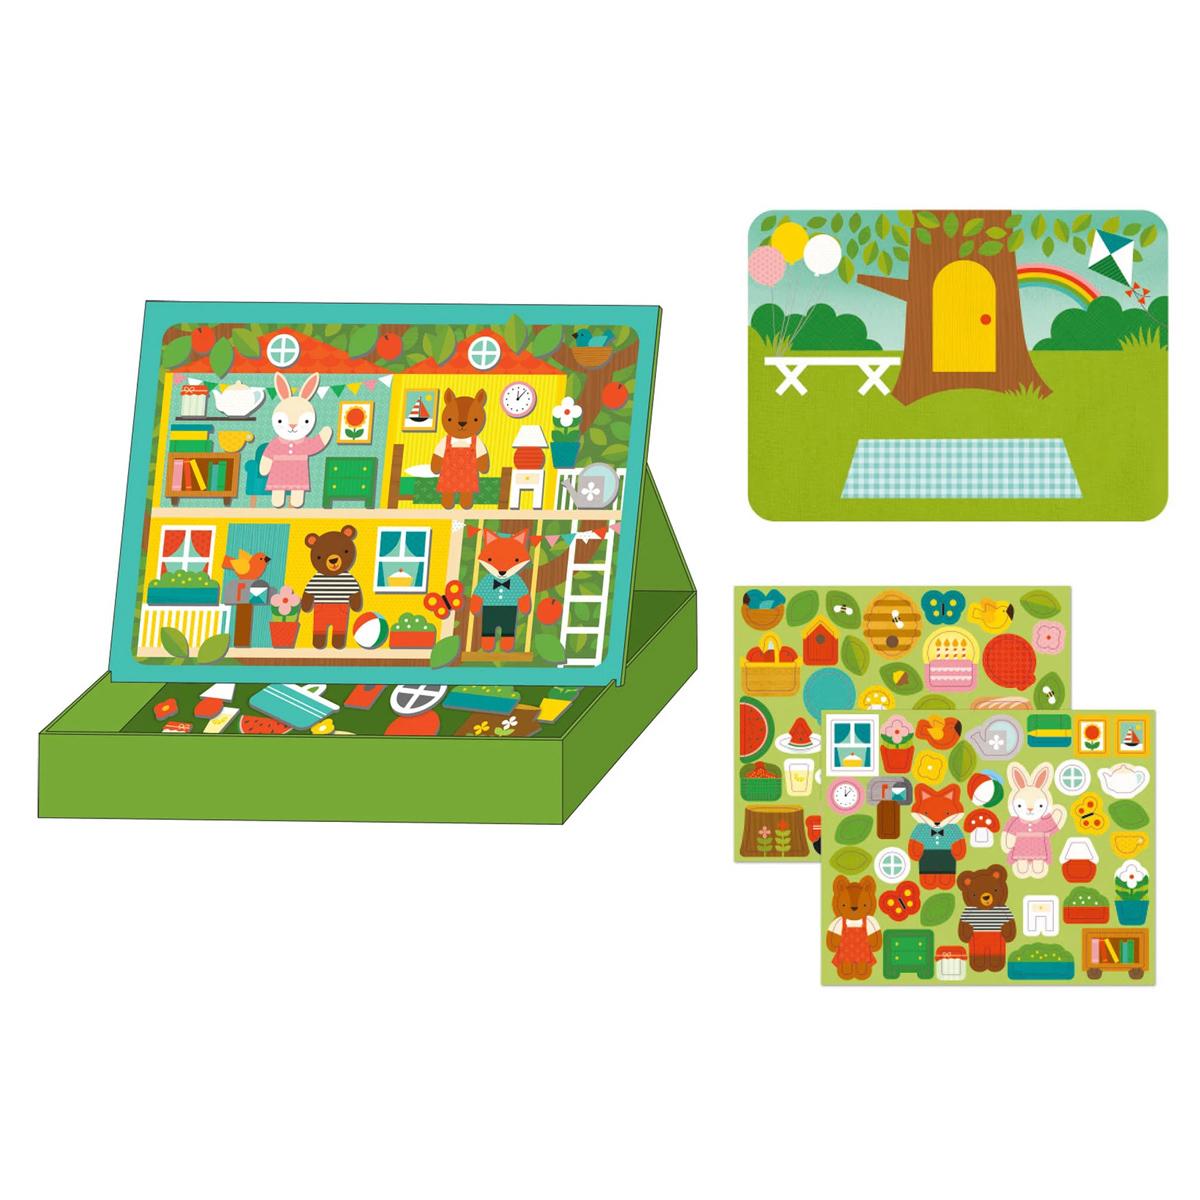 Mes premiers jouets Tableau Magnétique La Maison dans l'Arbre Tableau Magnétique La Maison dans l'Arbre